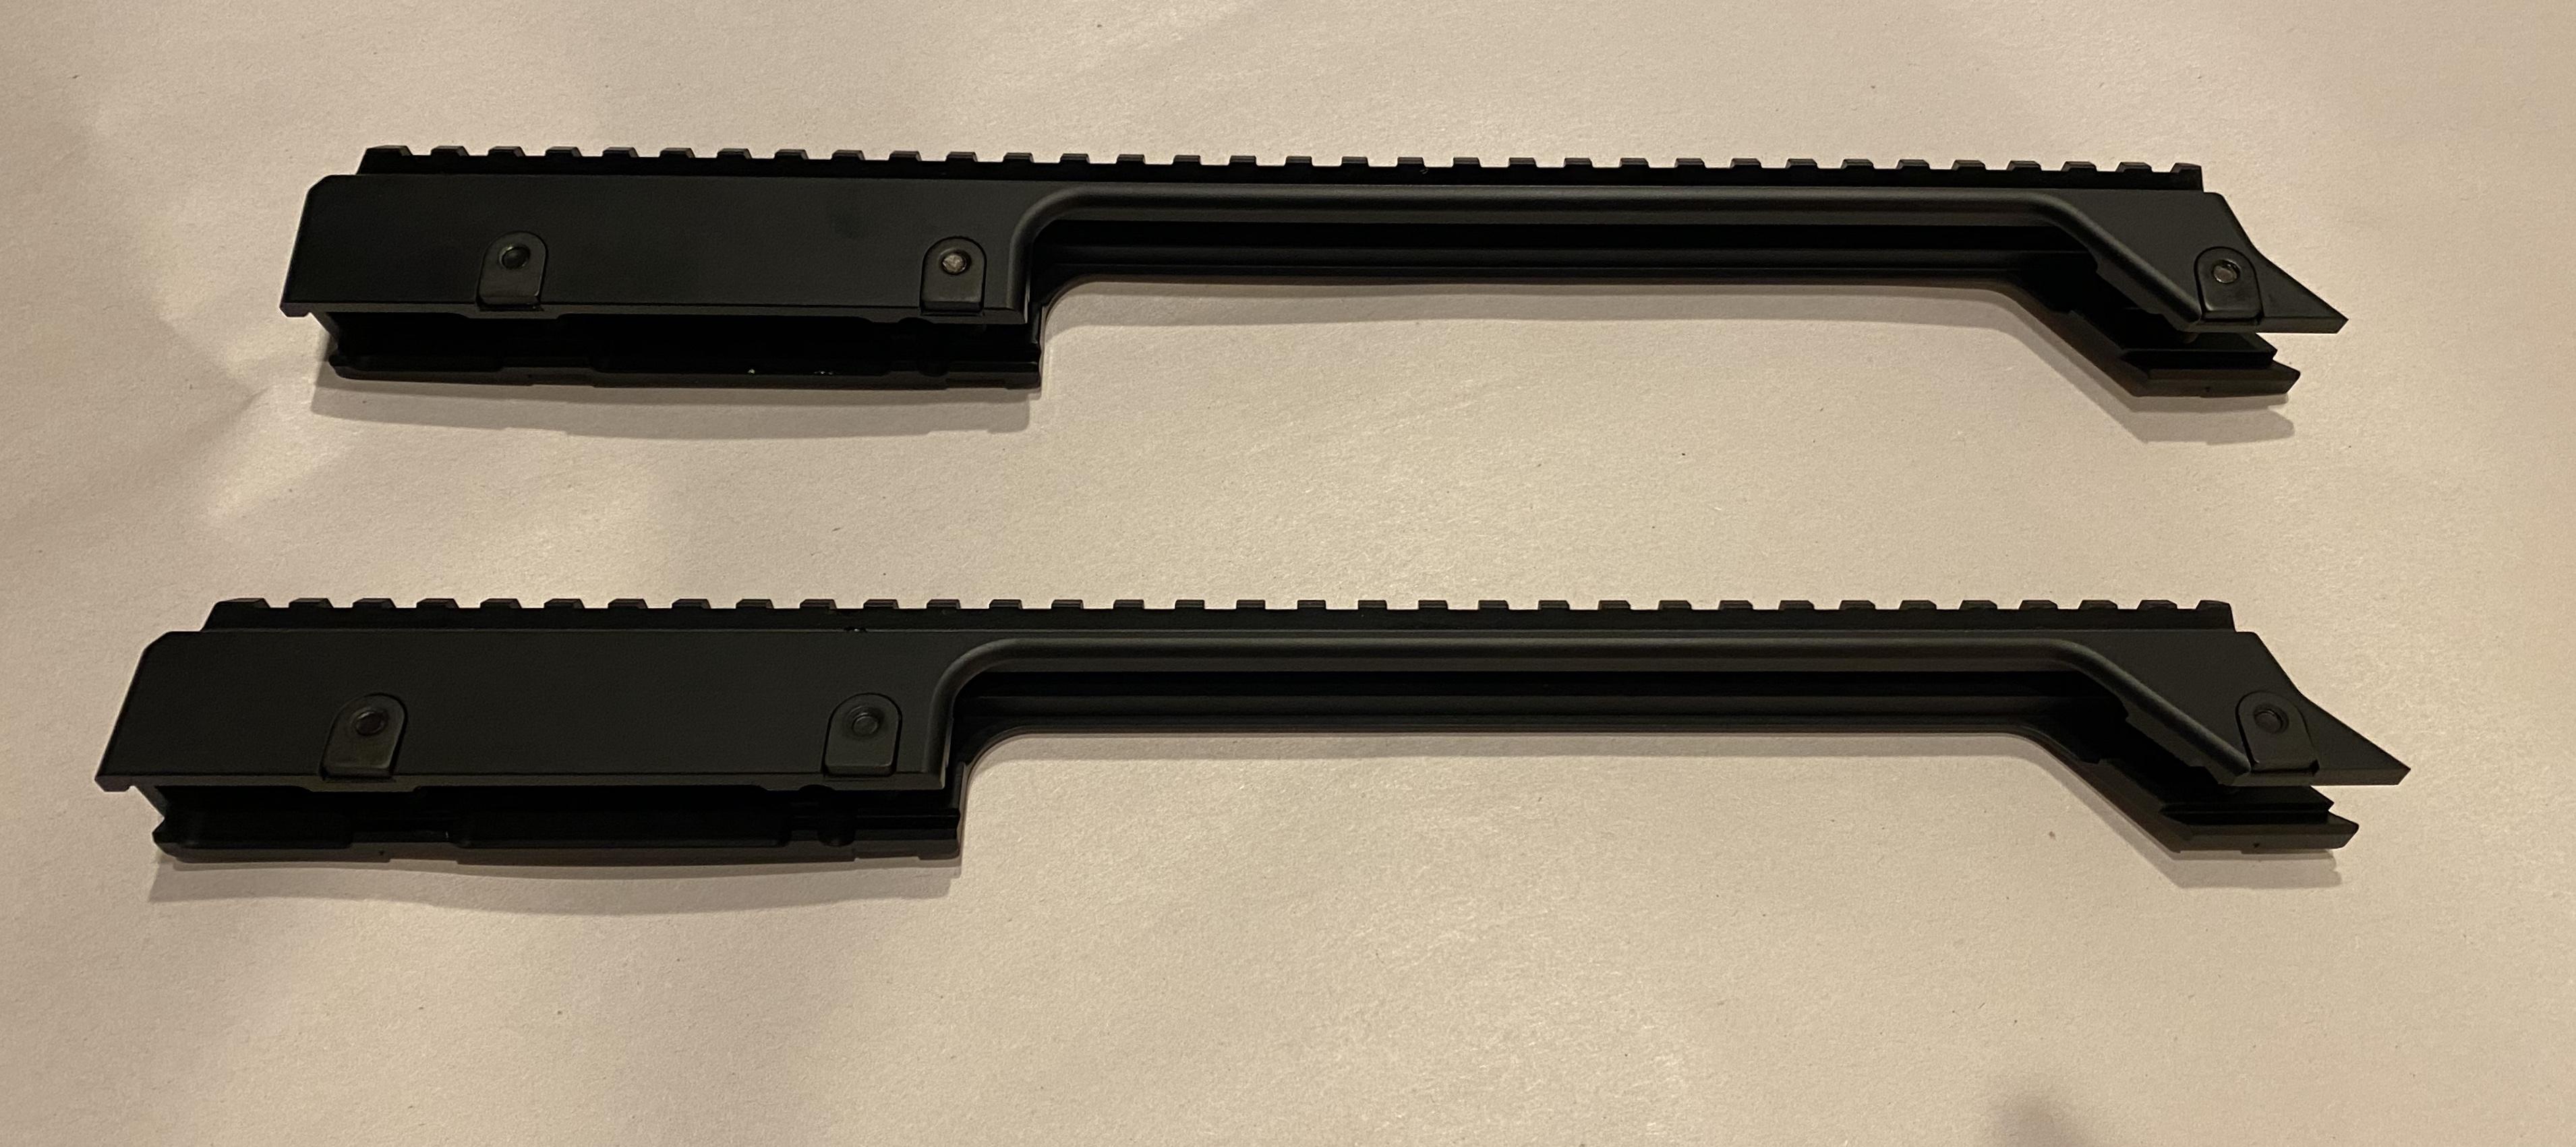 WTS: Parts list-G36E/K handguards, sight rails, G28 FH, MR556/416 stock/grip, VP9/P30-15562cf2-268e-4c37-b3dc-60706d942105.jpeg